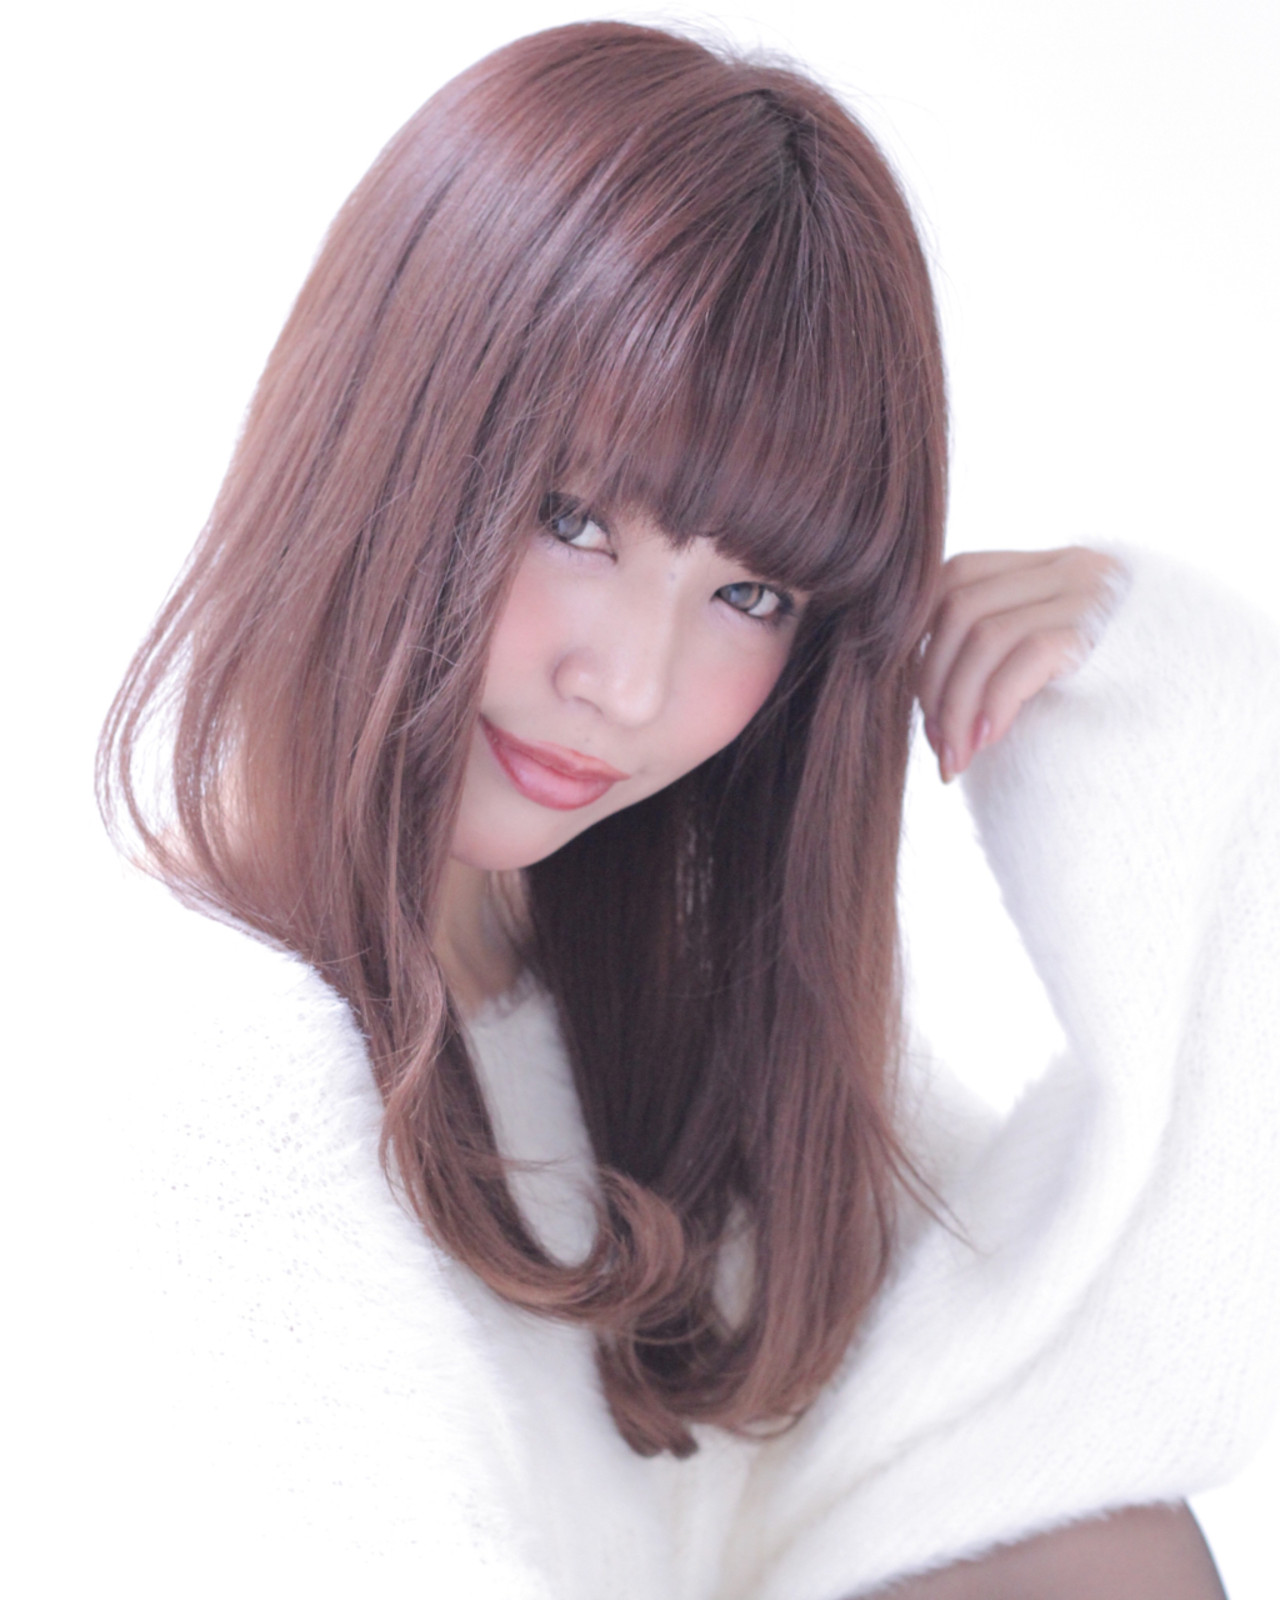 アッシュ ナチュラル 暗髪 外国人風 ヘアスタイルや髪型の写真・画像 | 石田 学史 / DISHEL